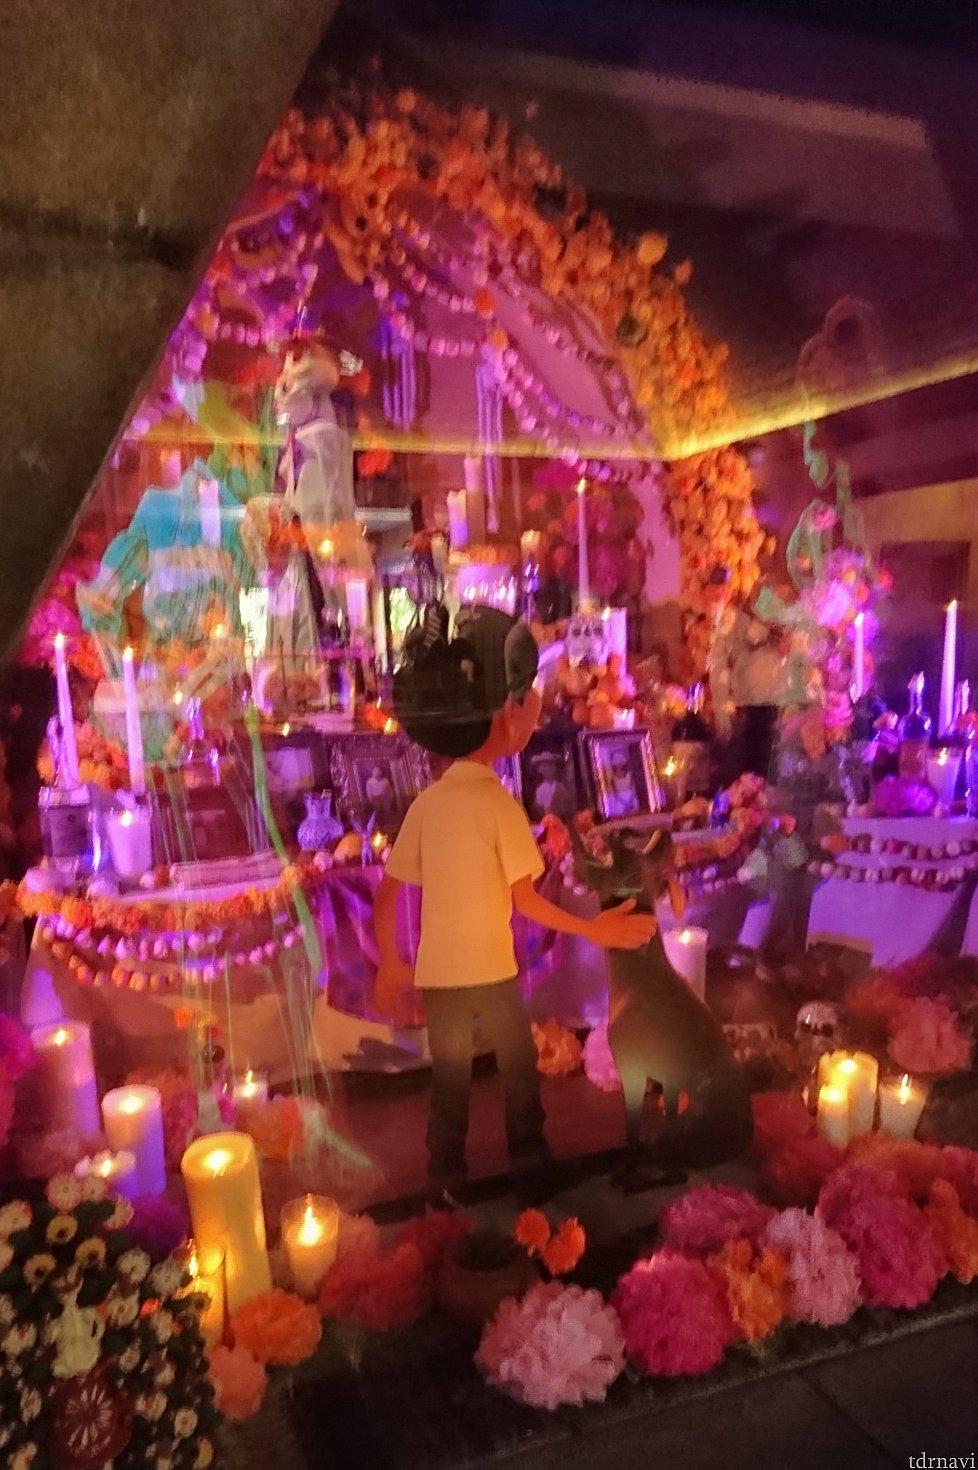 大きな祭壇の展示があるのですが、しばらく見ていると、死者が戻って来るんです! ぜひこちらもチェックしてみてくださいね♬